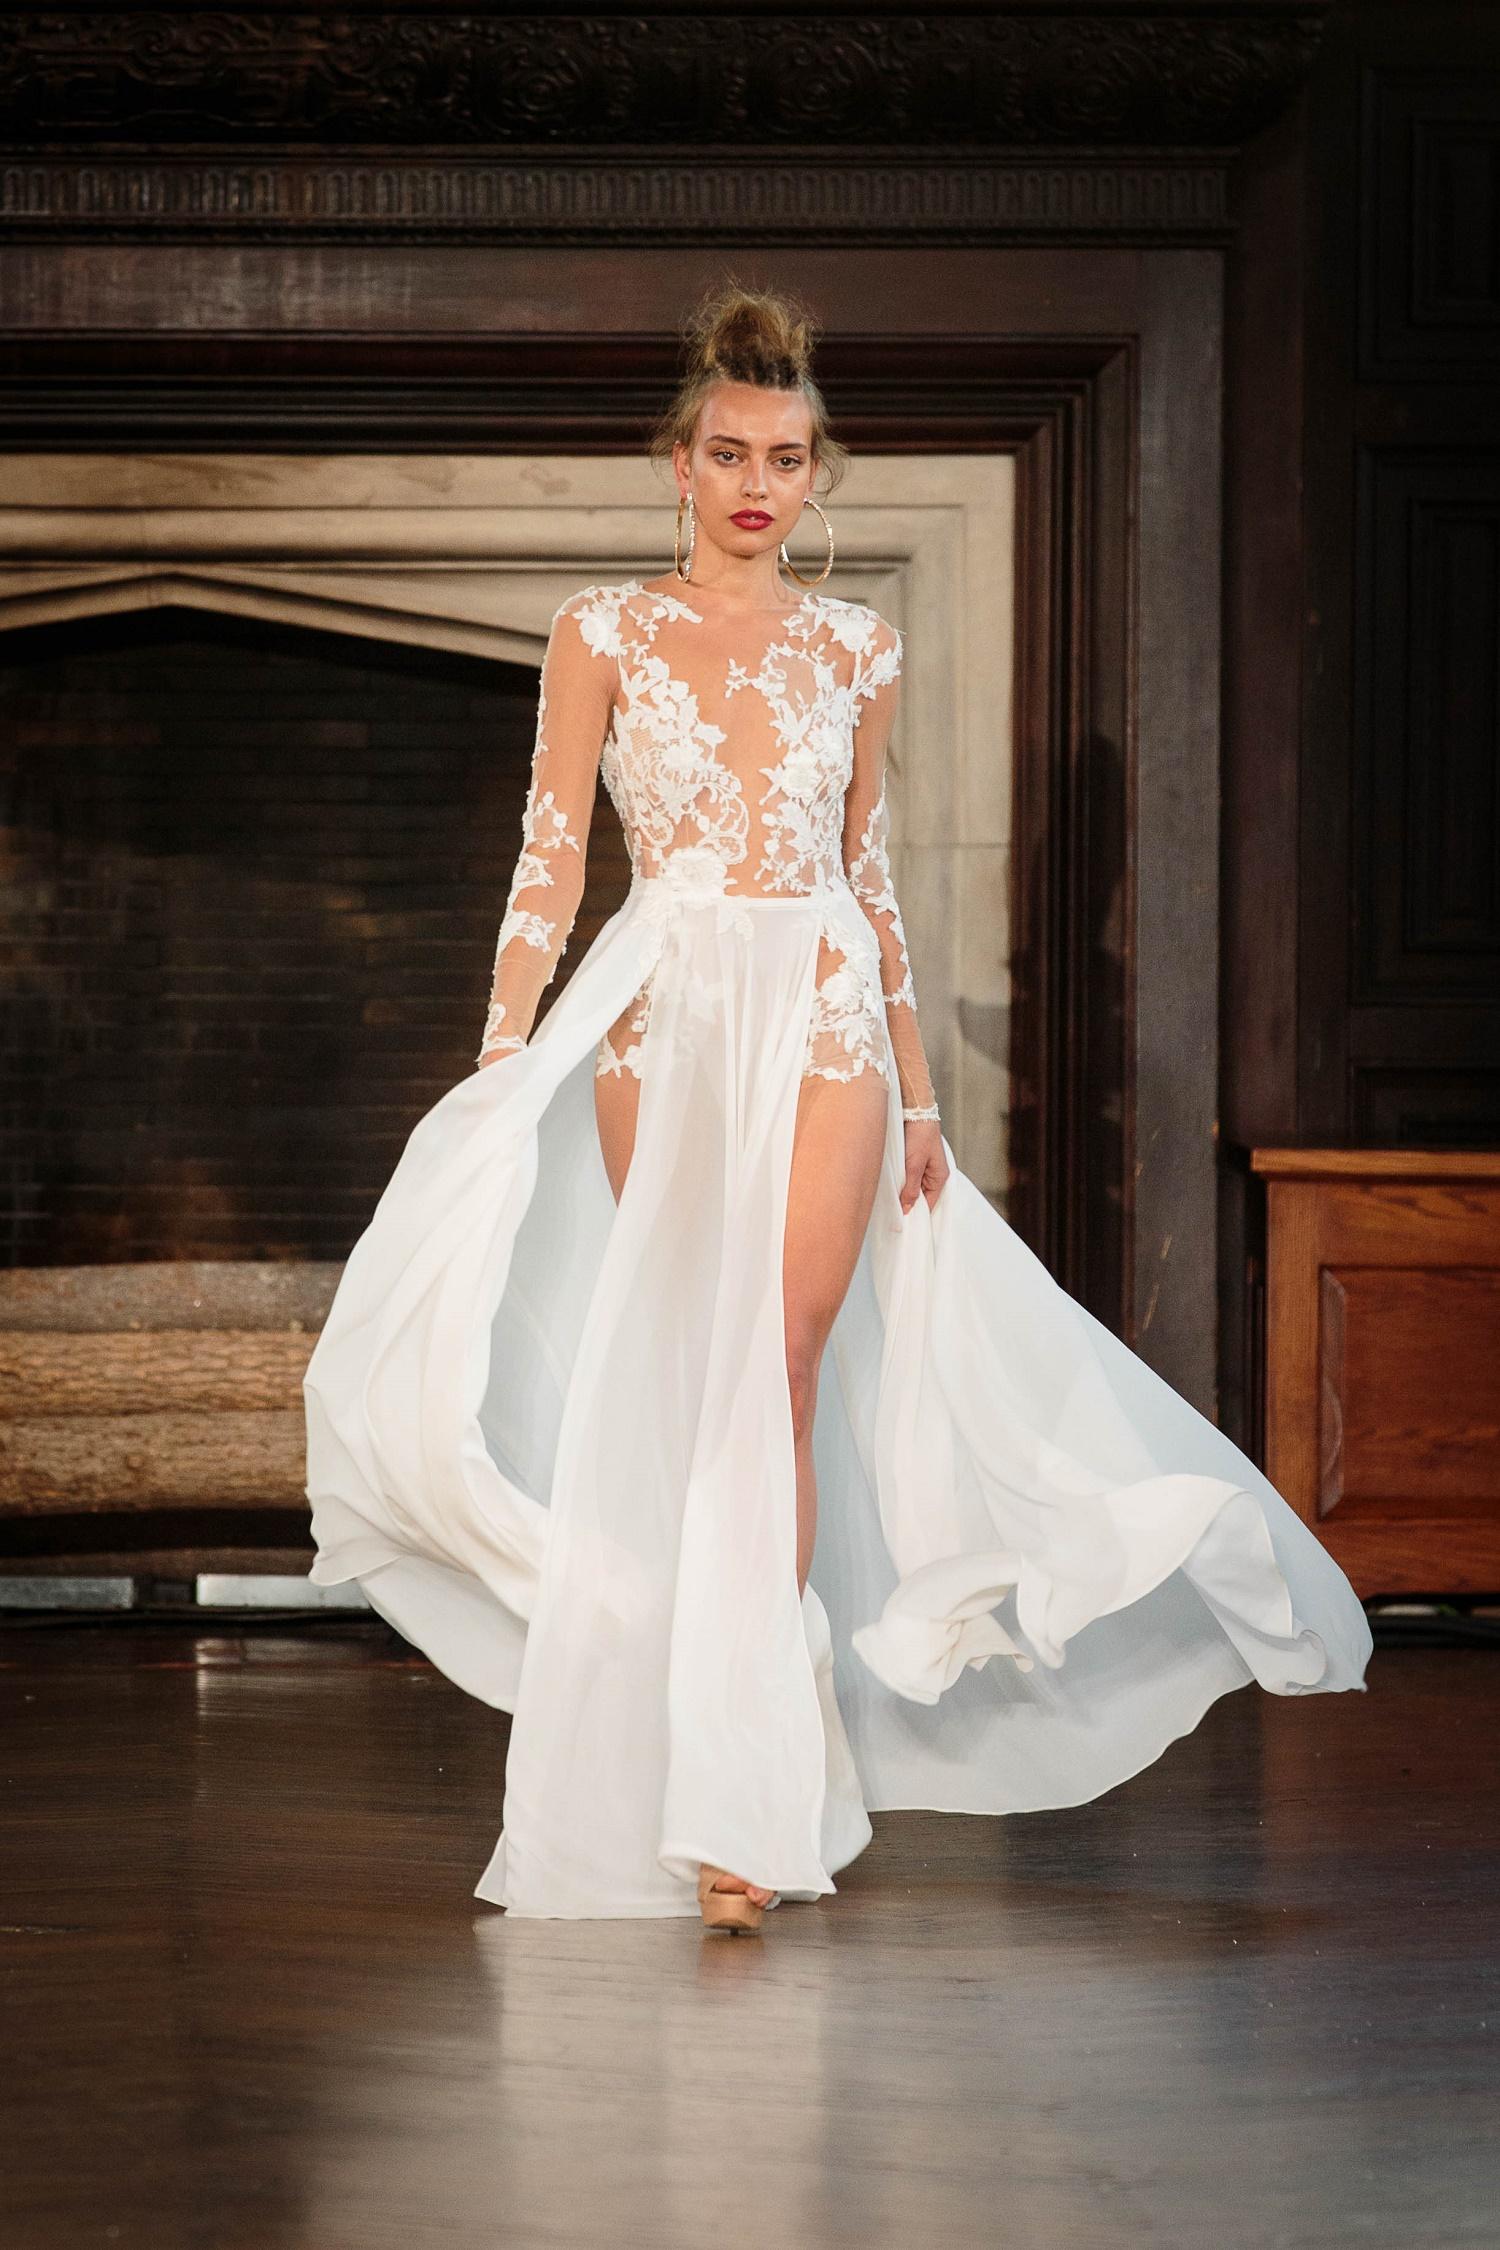 Marvellous A Bahamas Wedding Wedding Dresses Broad Shoulders Wedding Dresses S Wedding Gowns wedding dress Best Wedding Dresses